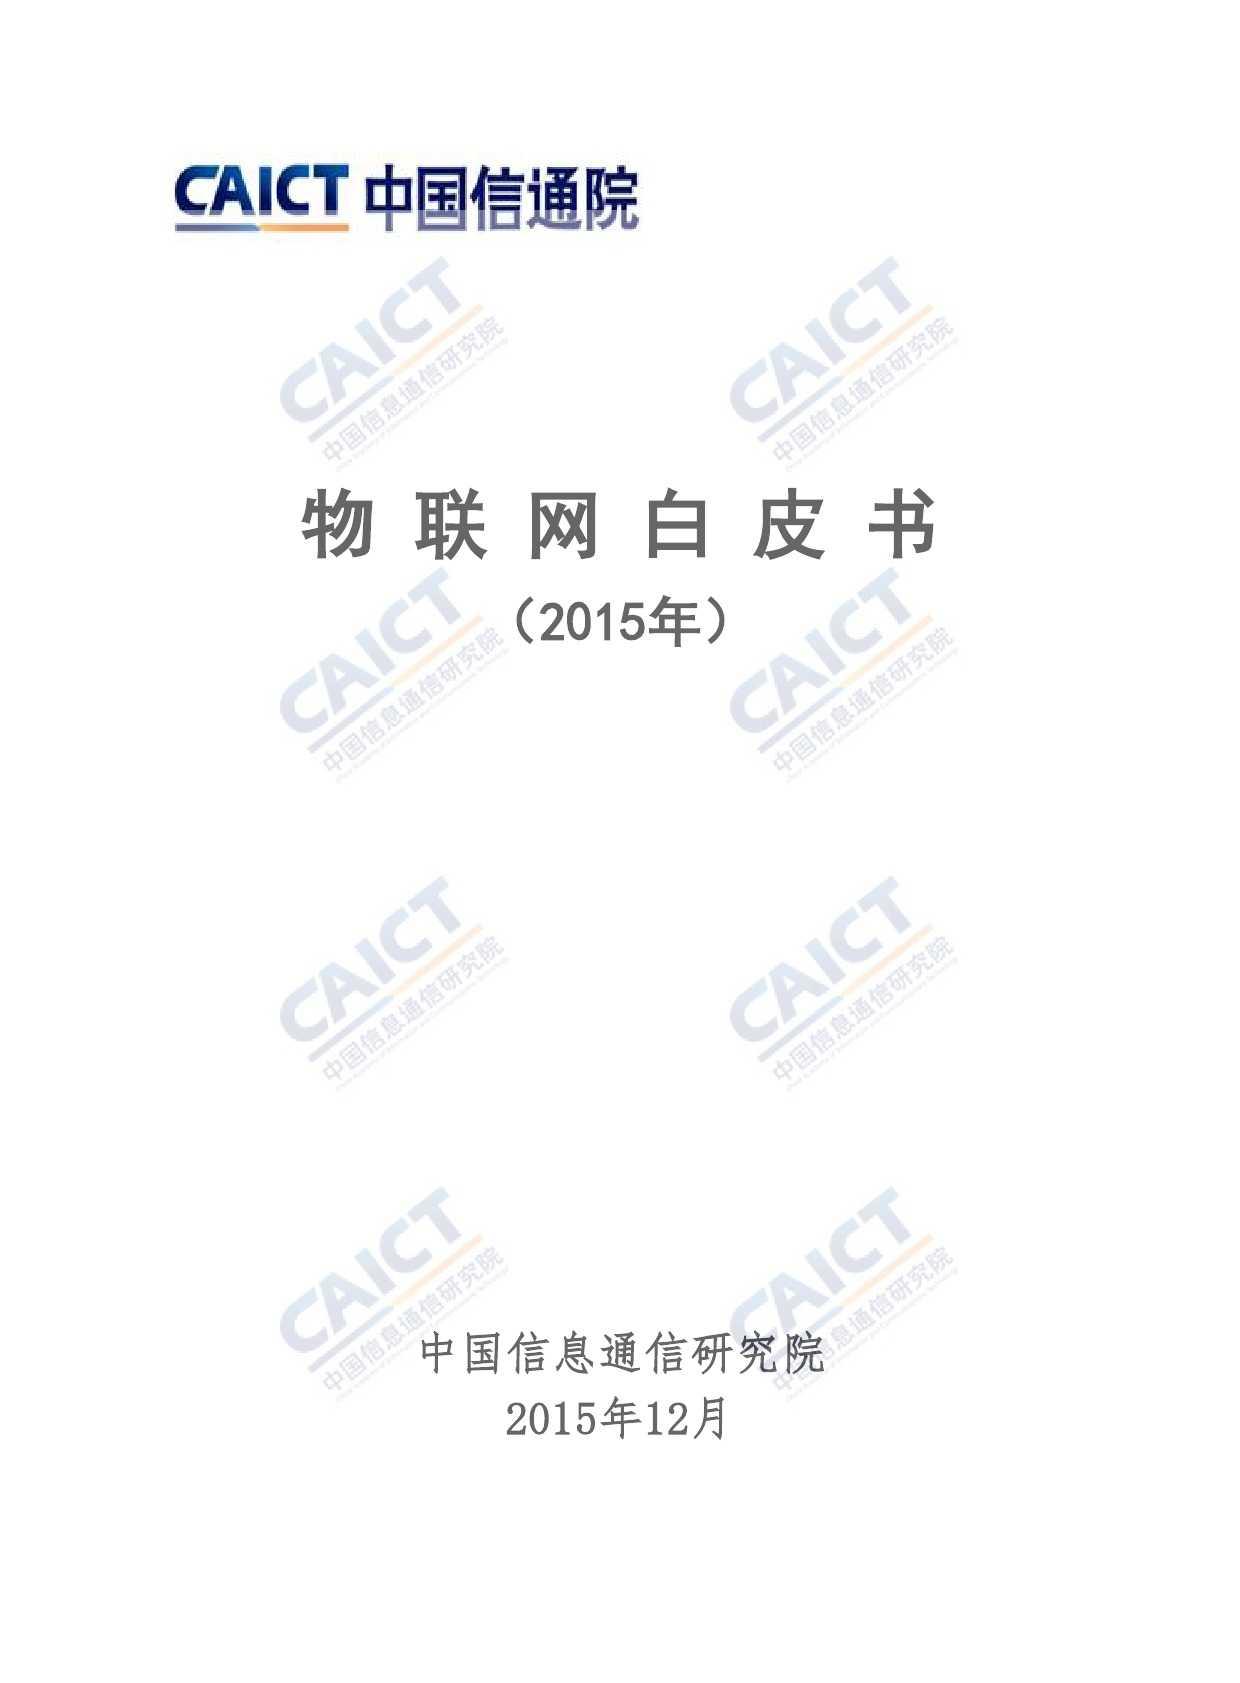 中国信息通信研究院:2015年物联网白皮书_000001